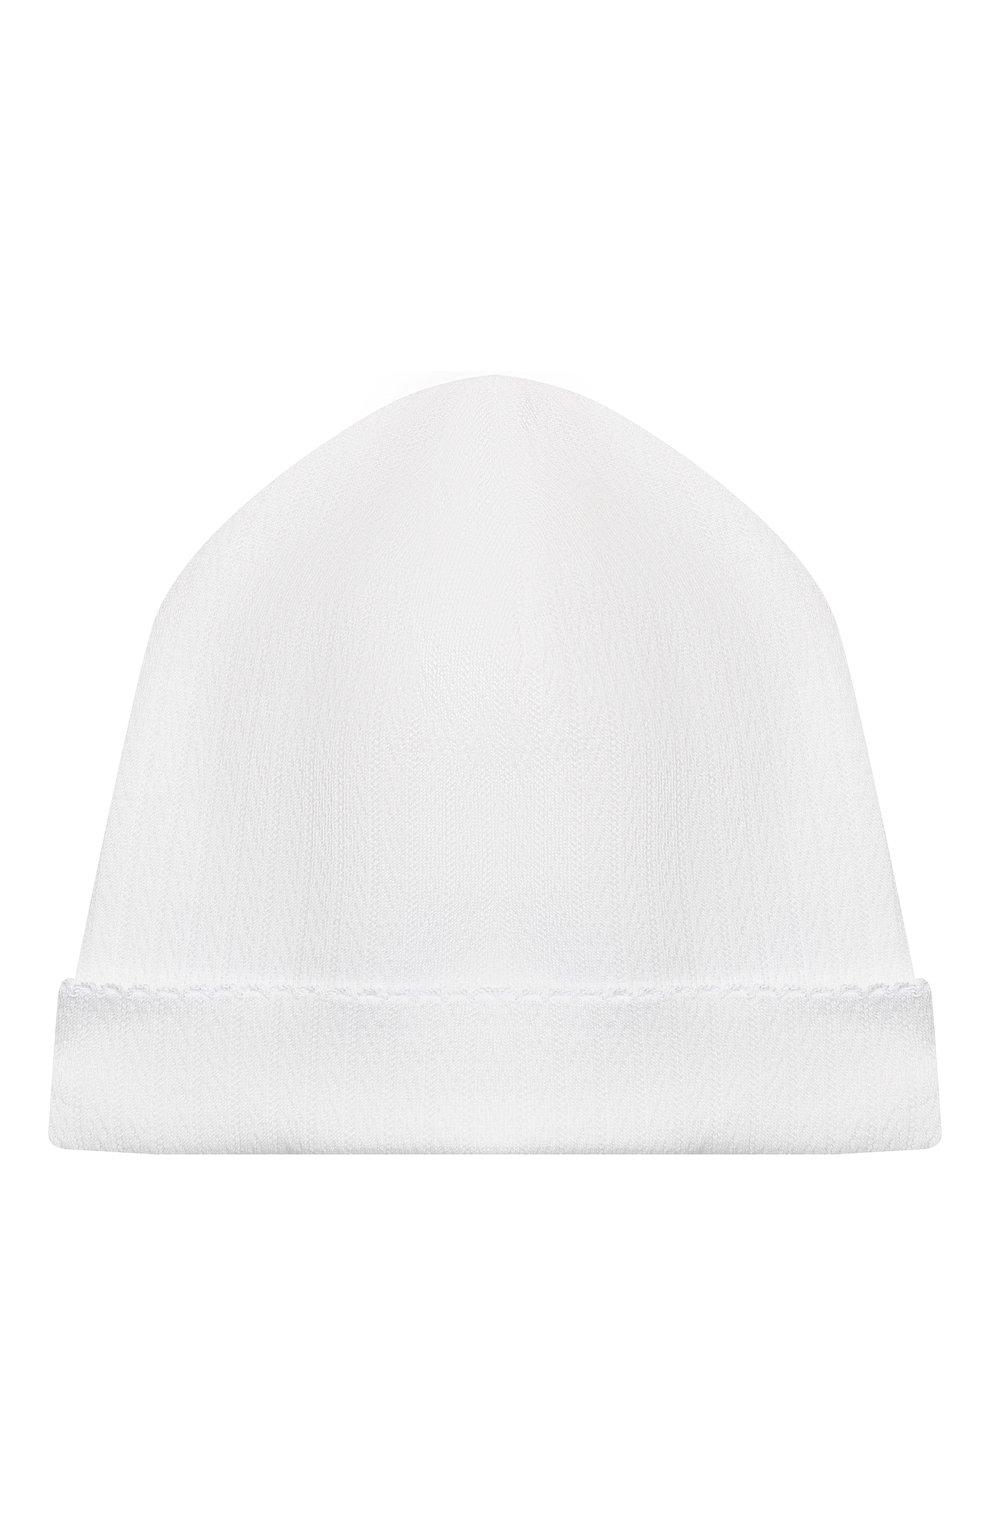 Детский комплект из распашонки с шапкой и ползунков KISSY KISSY белого цвета, арт. 141207   Фото 6